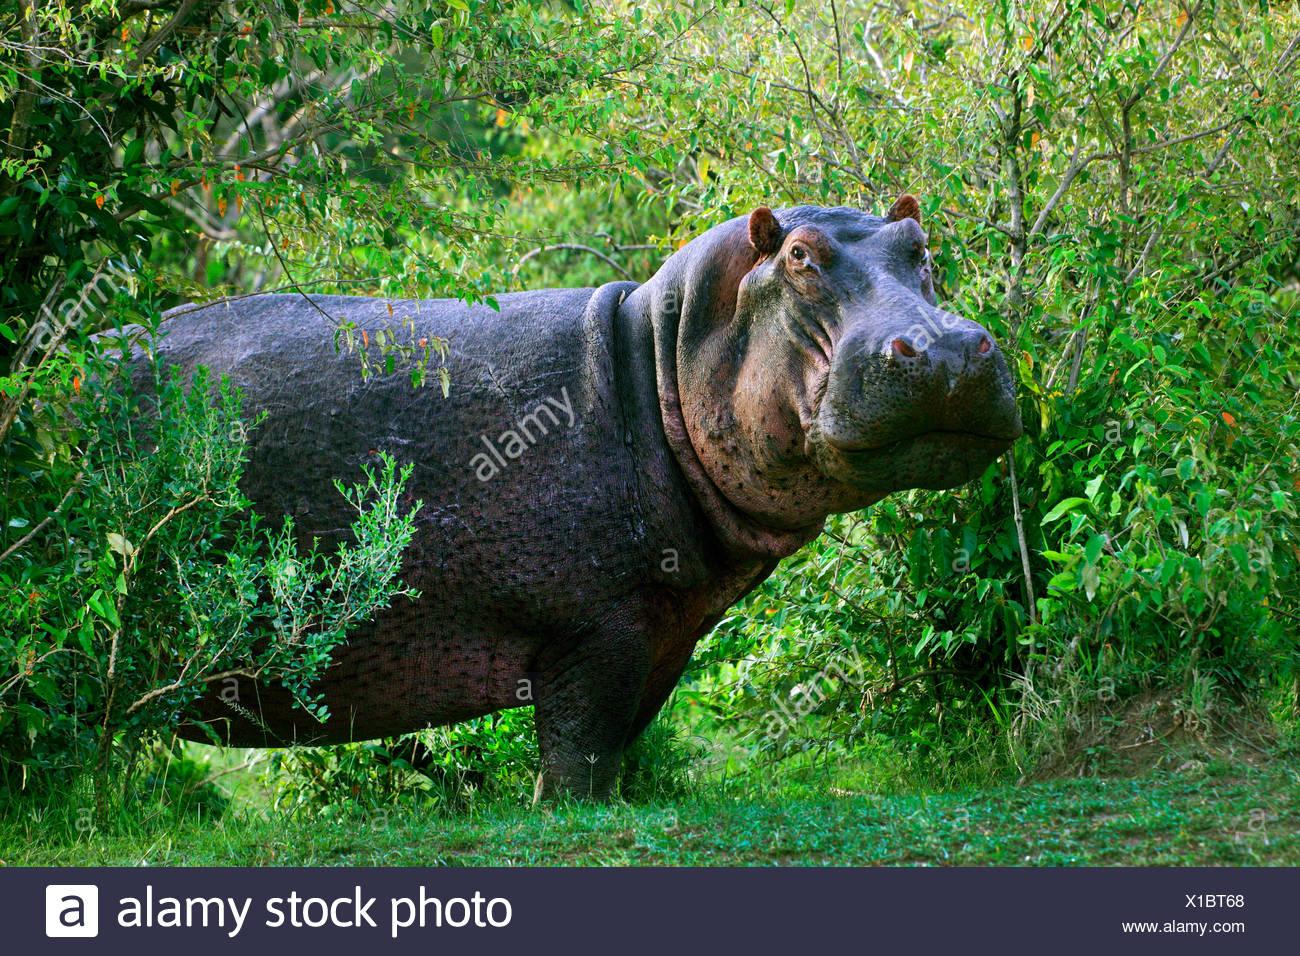 Nilpferd, Nilpferd, gemeinsame Flusspferd (Hippopotamus Amphibius), im Dickicht, Afrika Stockbild